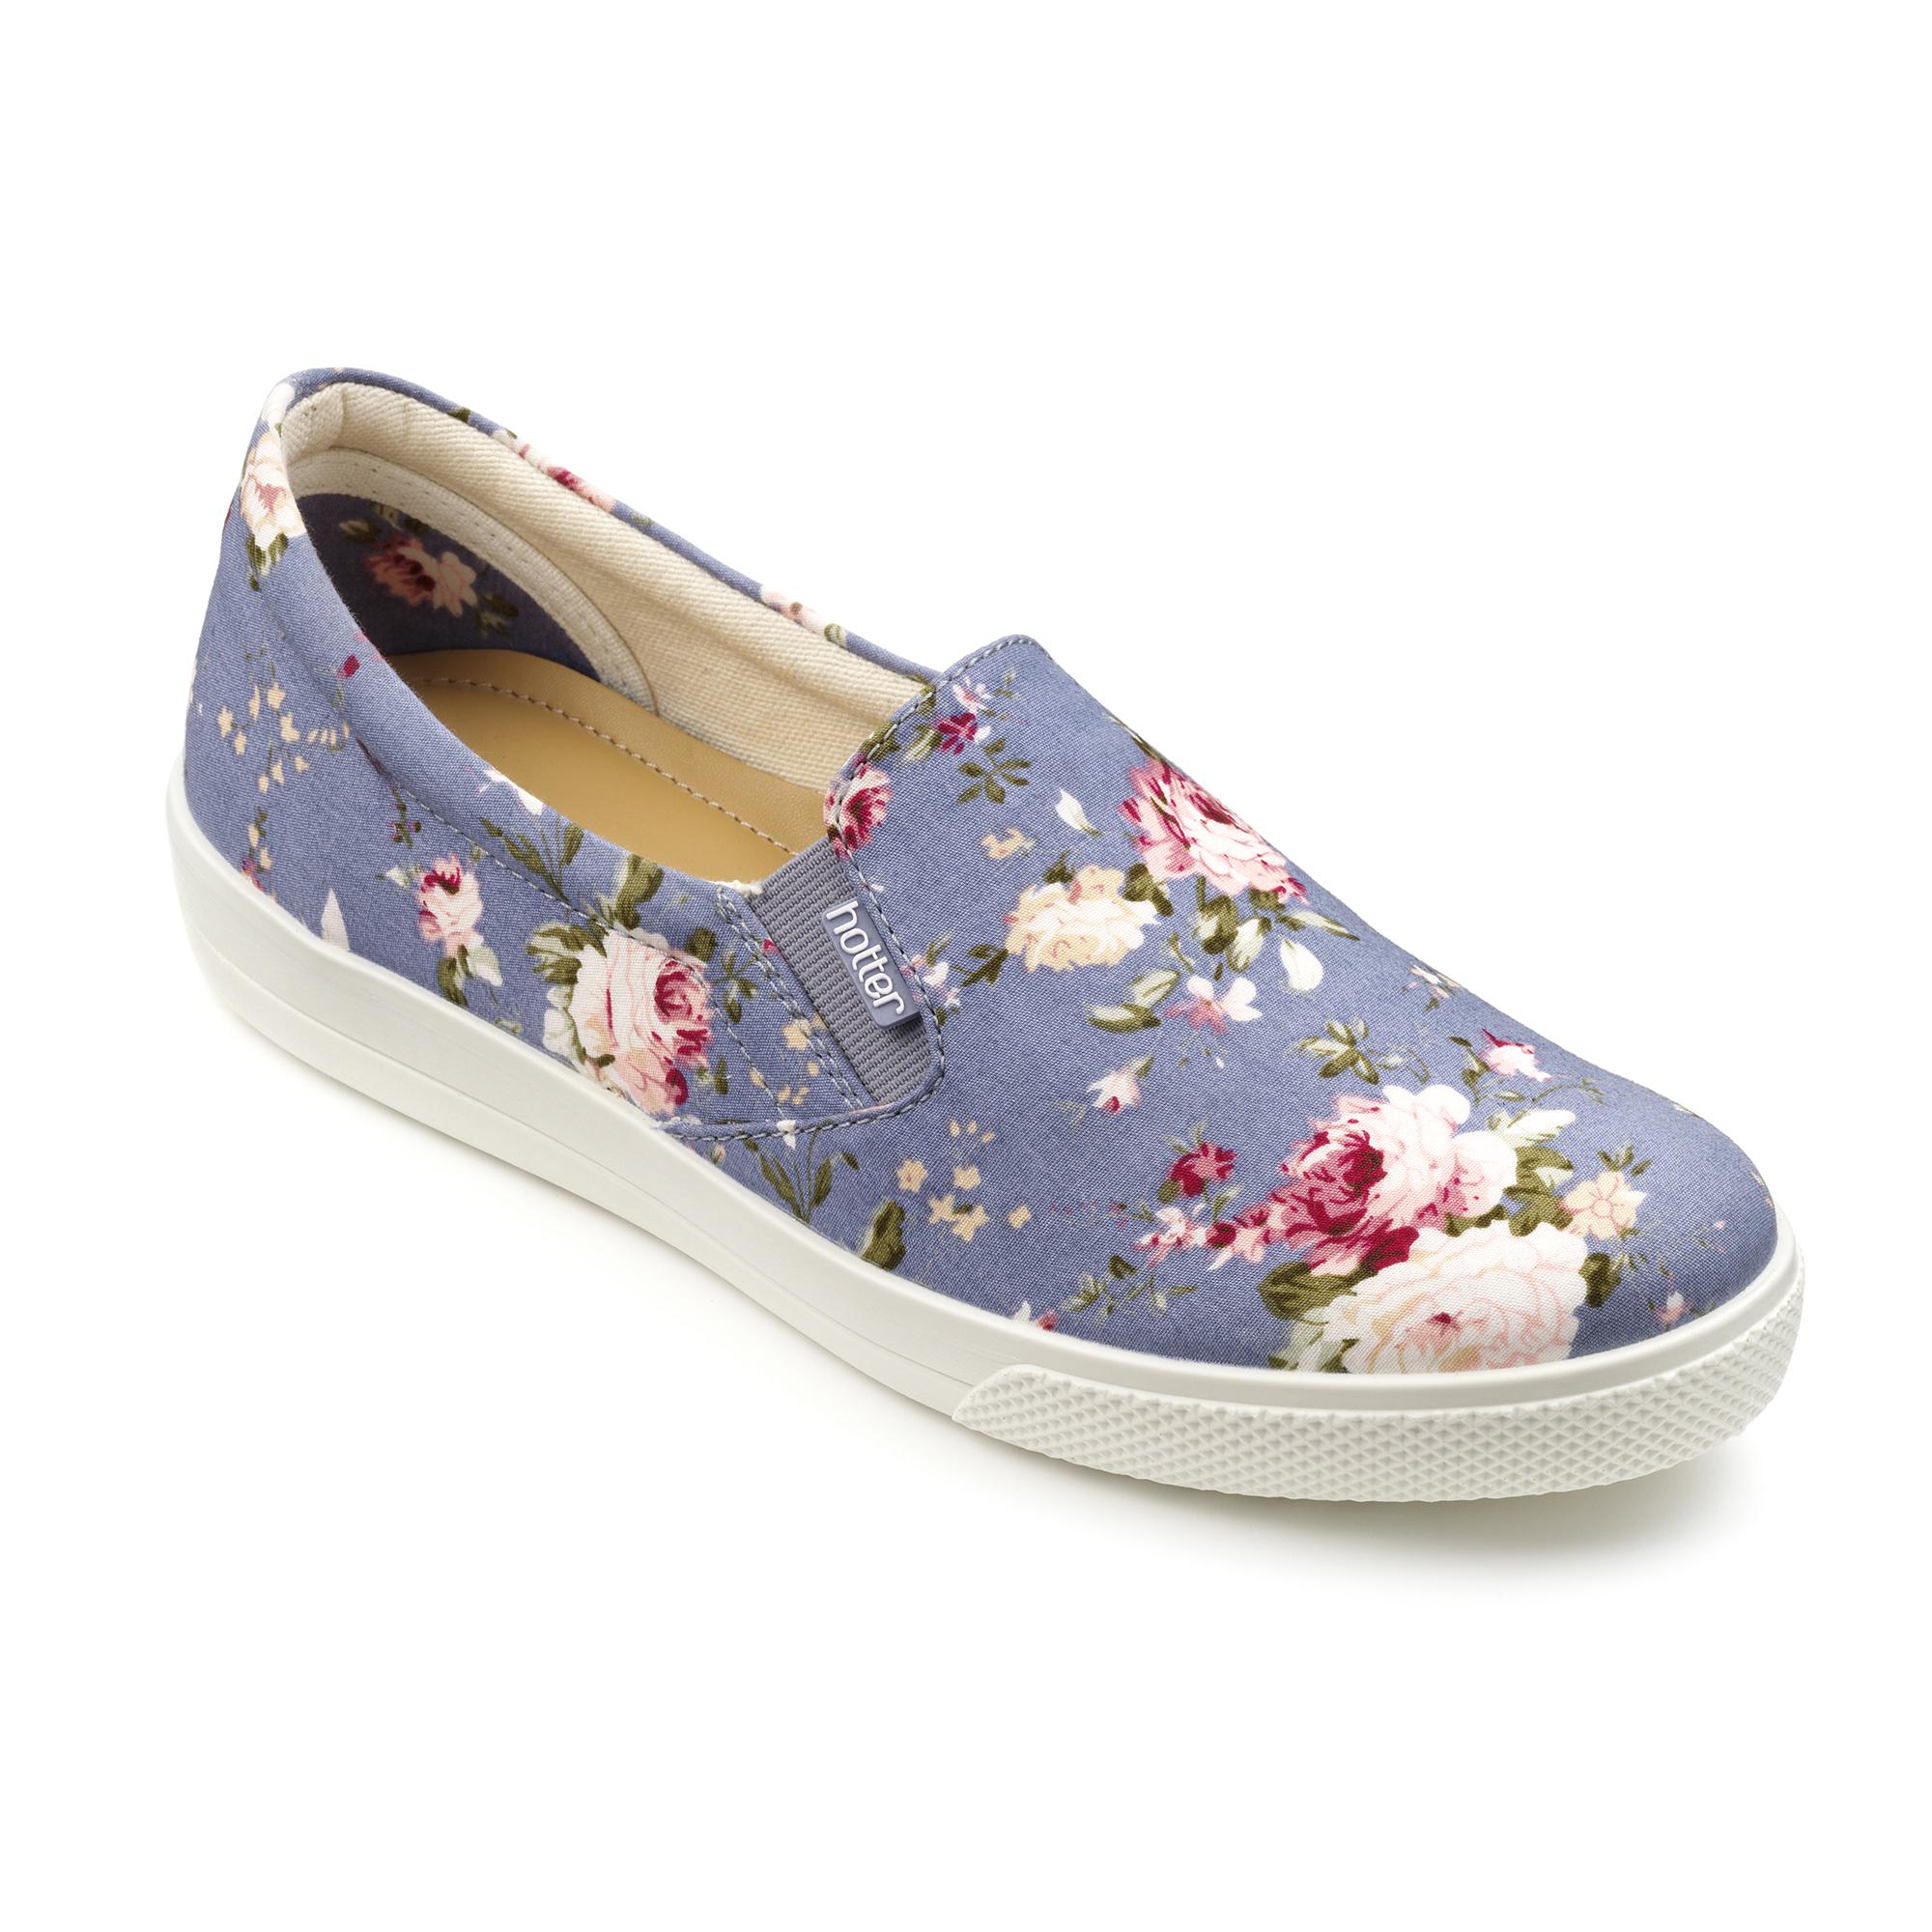 Hotter-Mujer-Tara-Senoras-Casual-Zapatos-Calzado-Zapatillas-Liso-Canvas